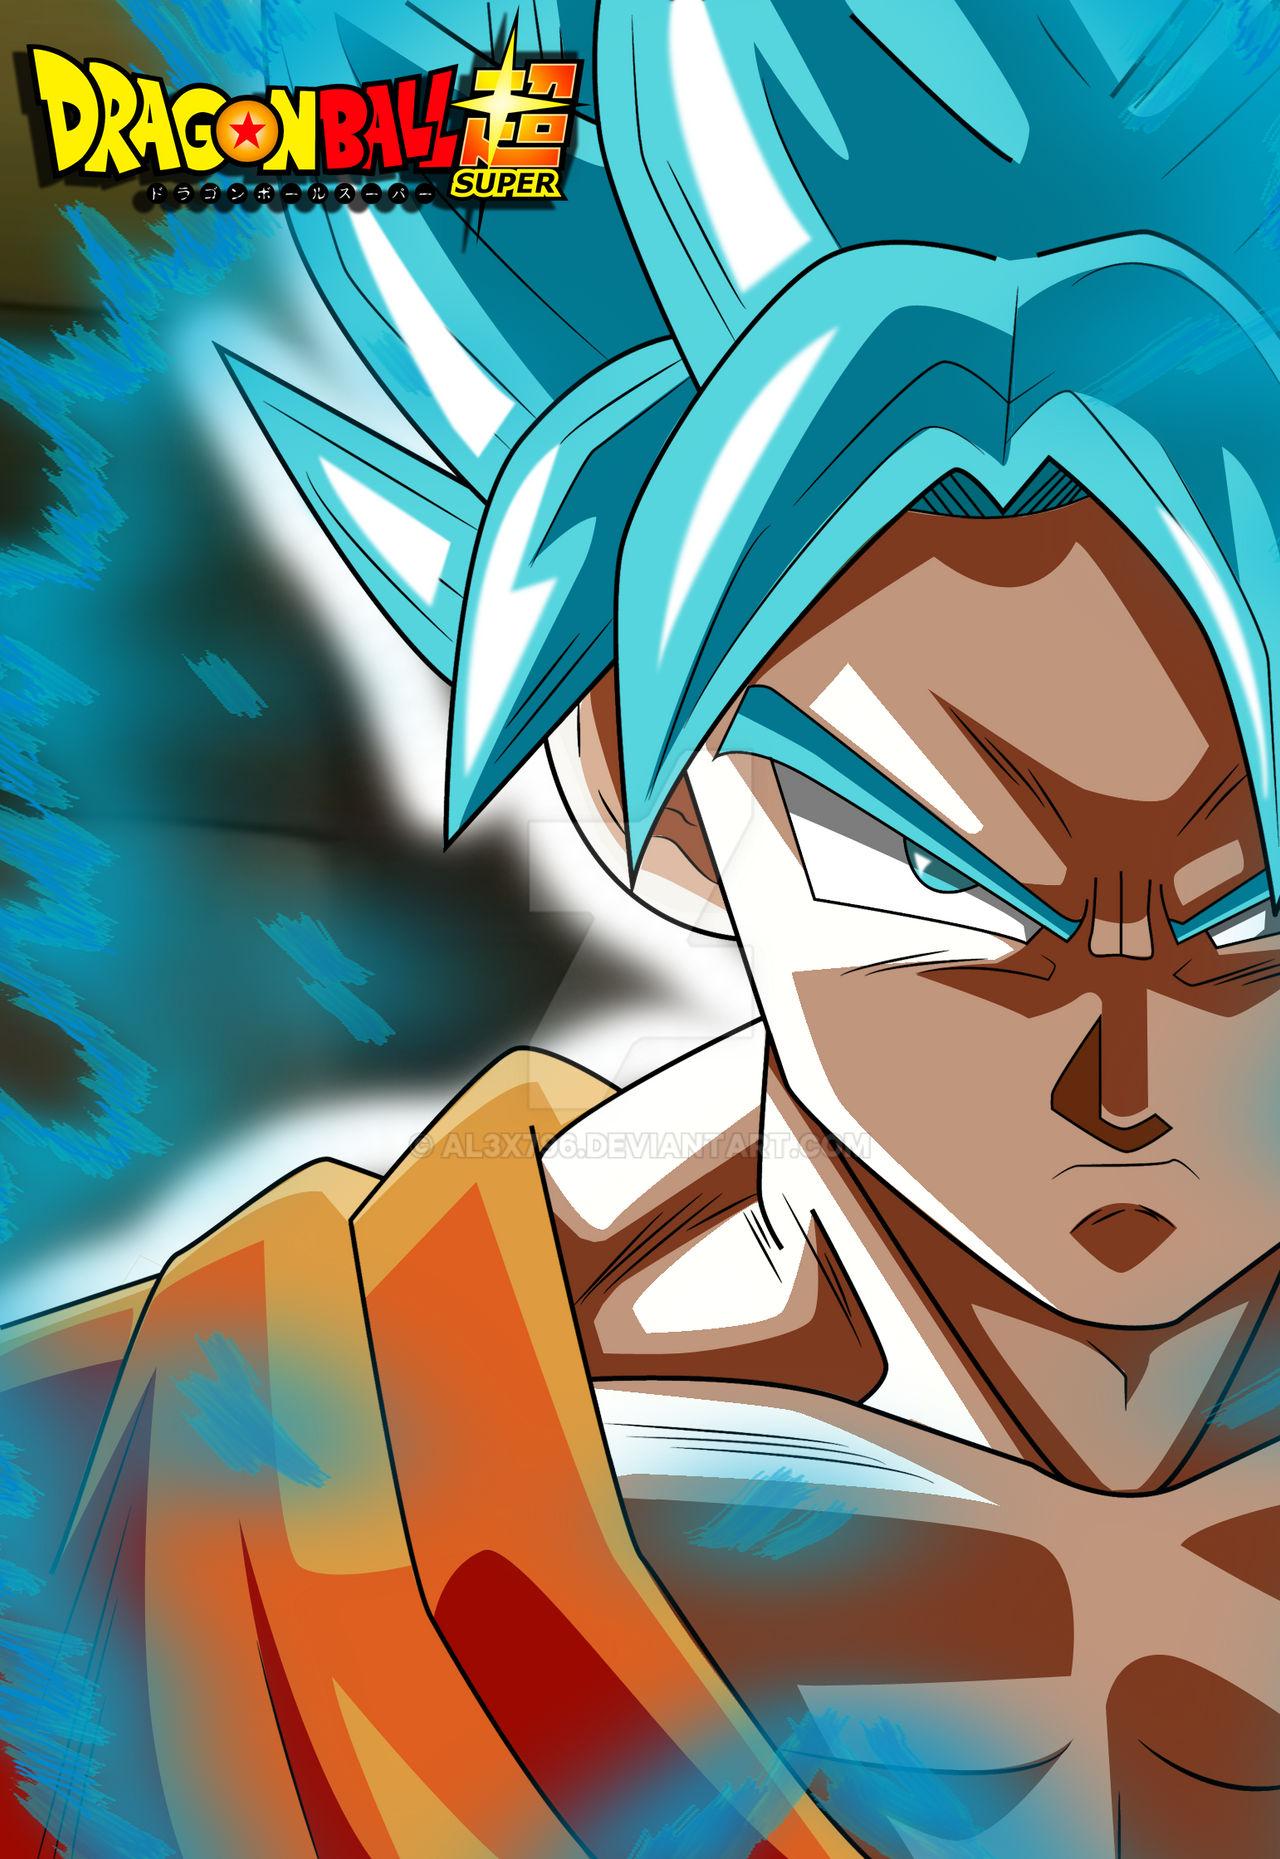 Goku Ssj Blue Survival Arc Wallpaper Hd By Al3x796 On Deviantart